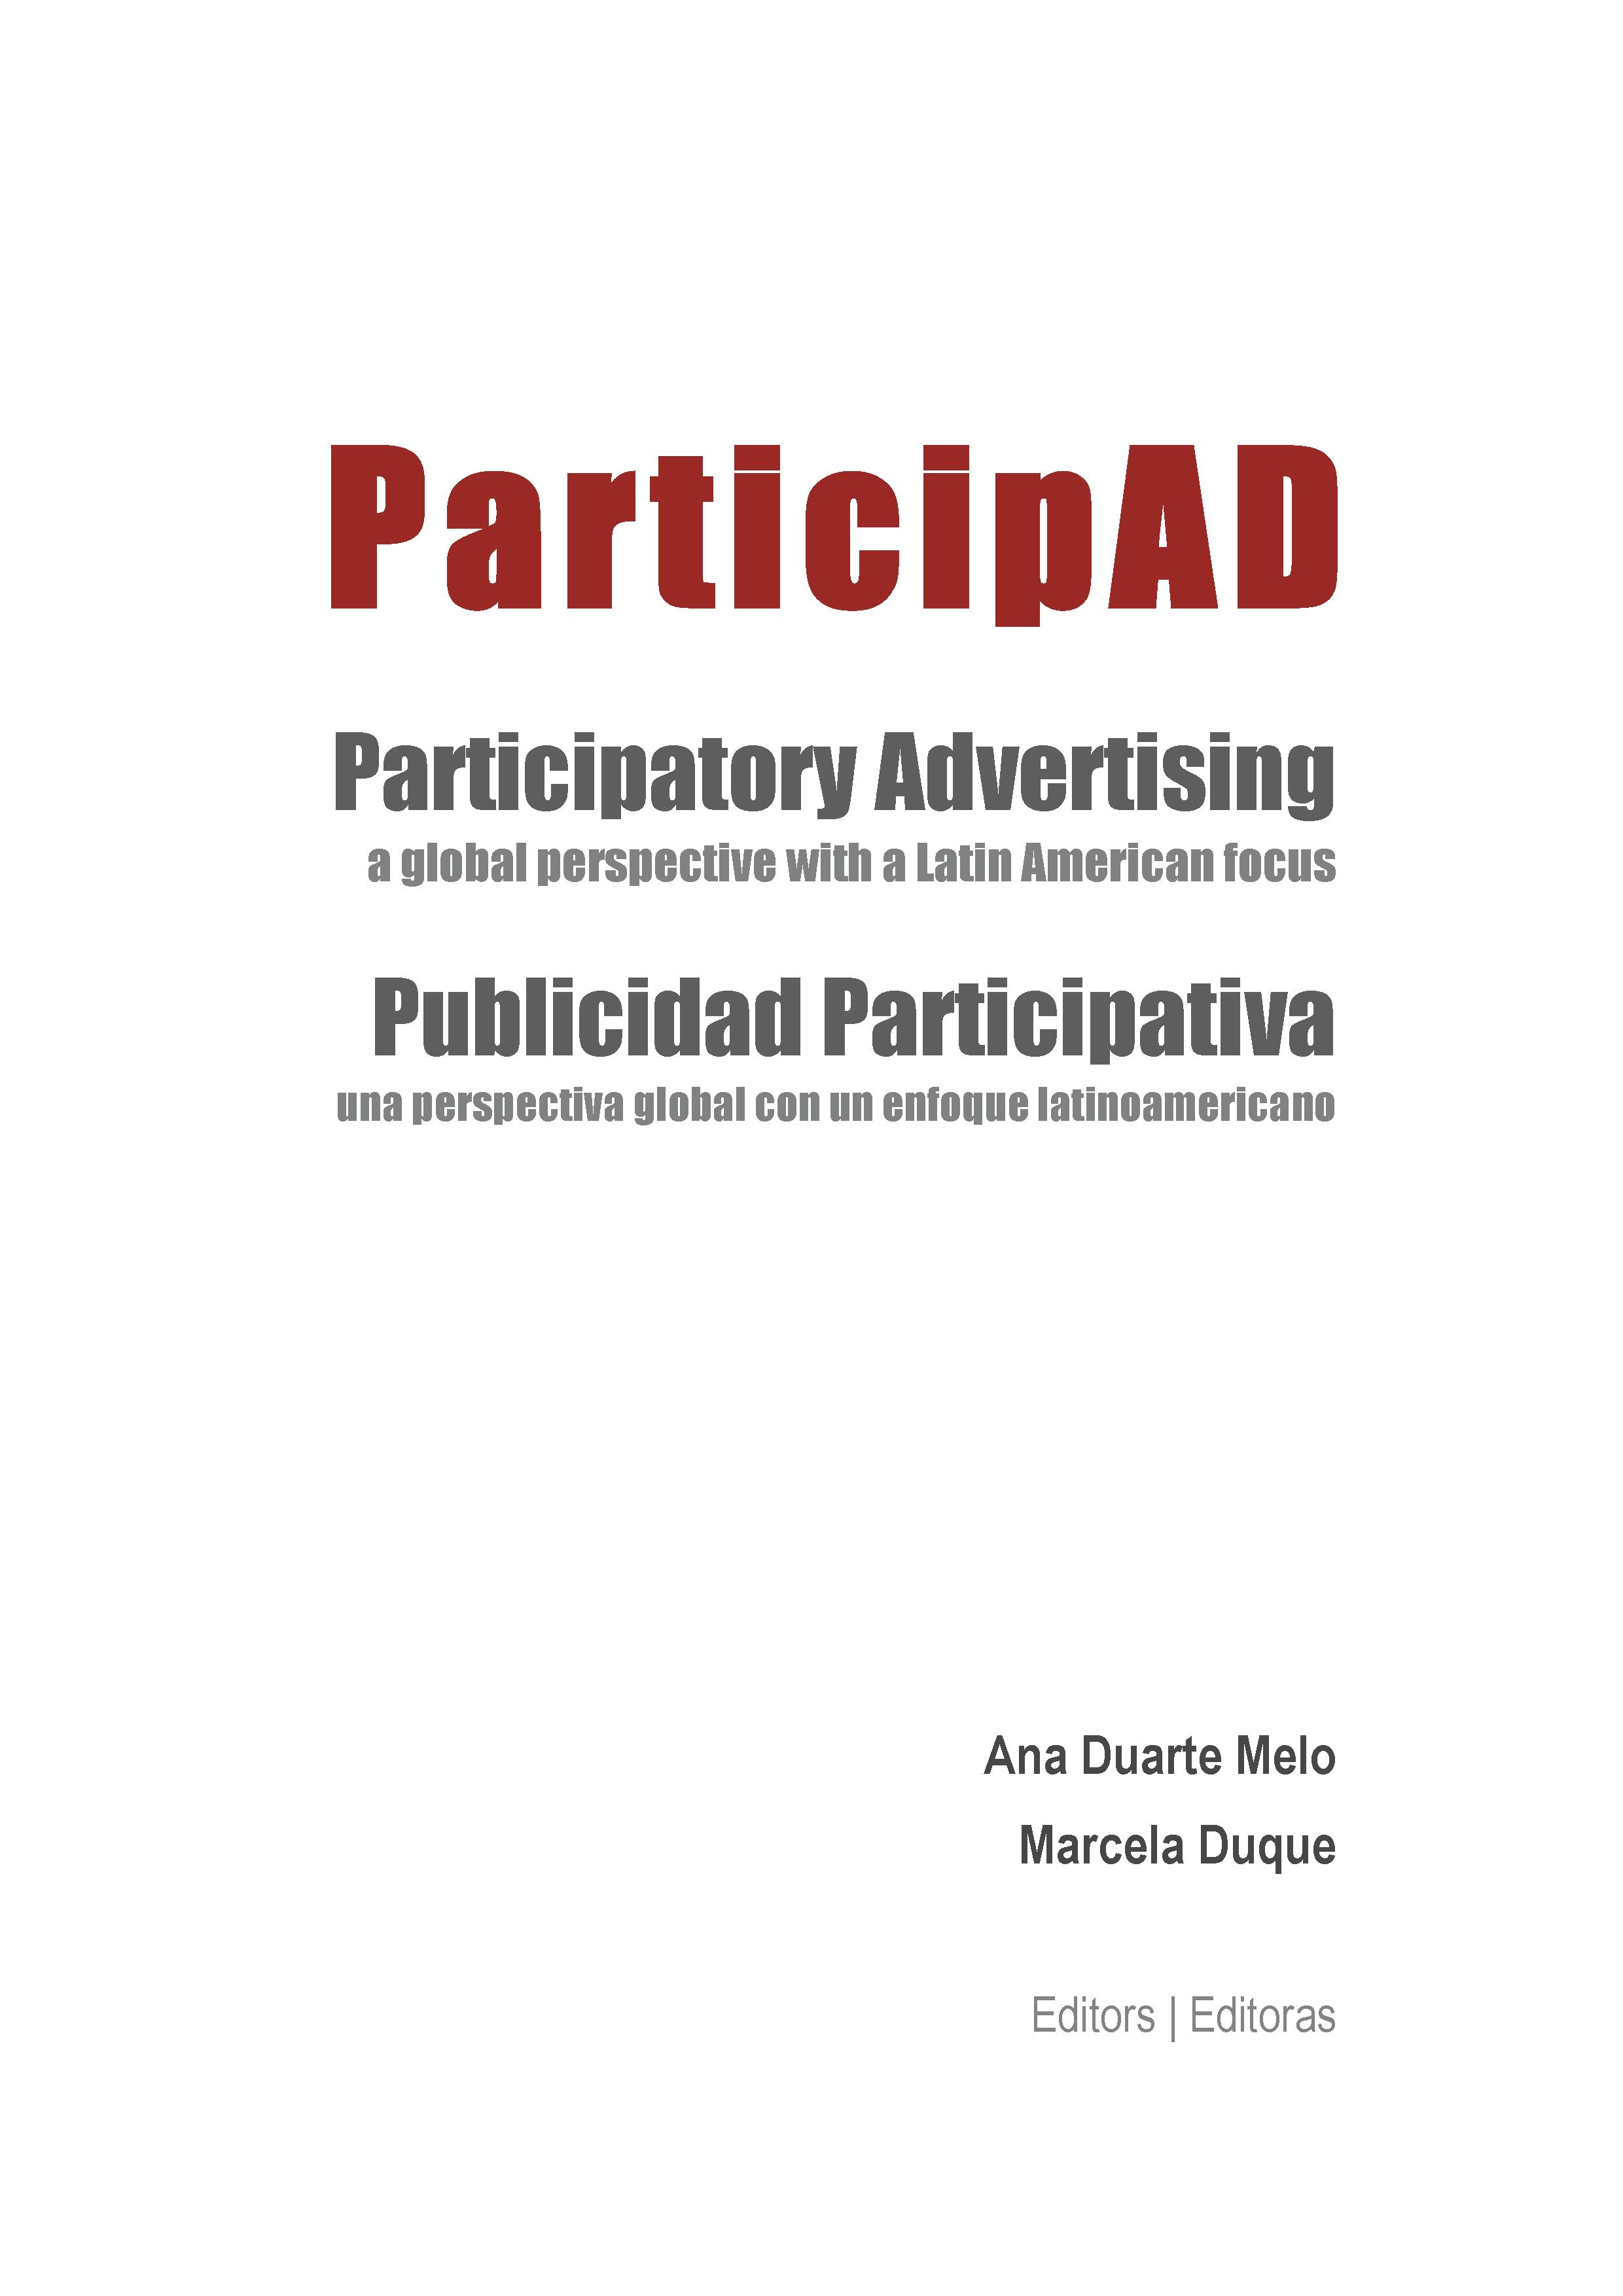 ParticipAD – Publicidad Participativa: una perspectiva global con un enfoque Latinoamericano